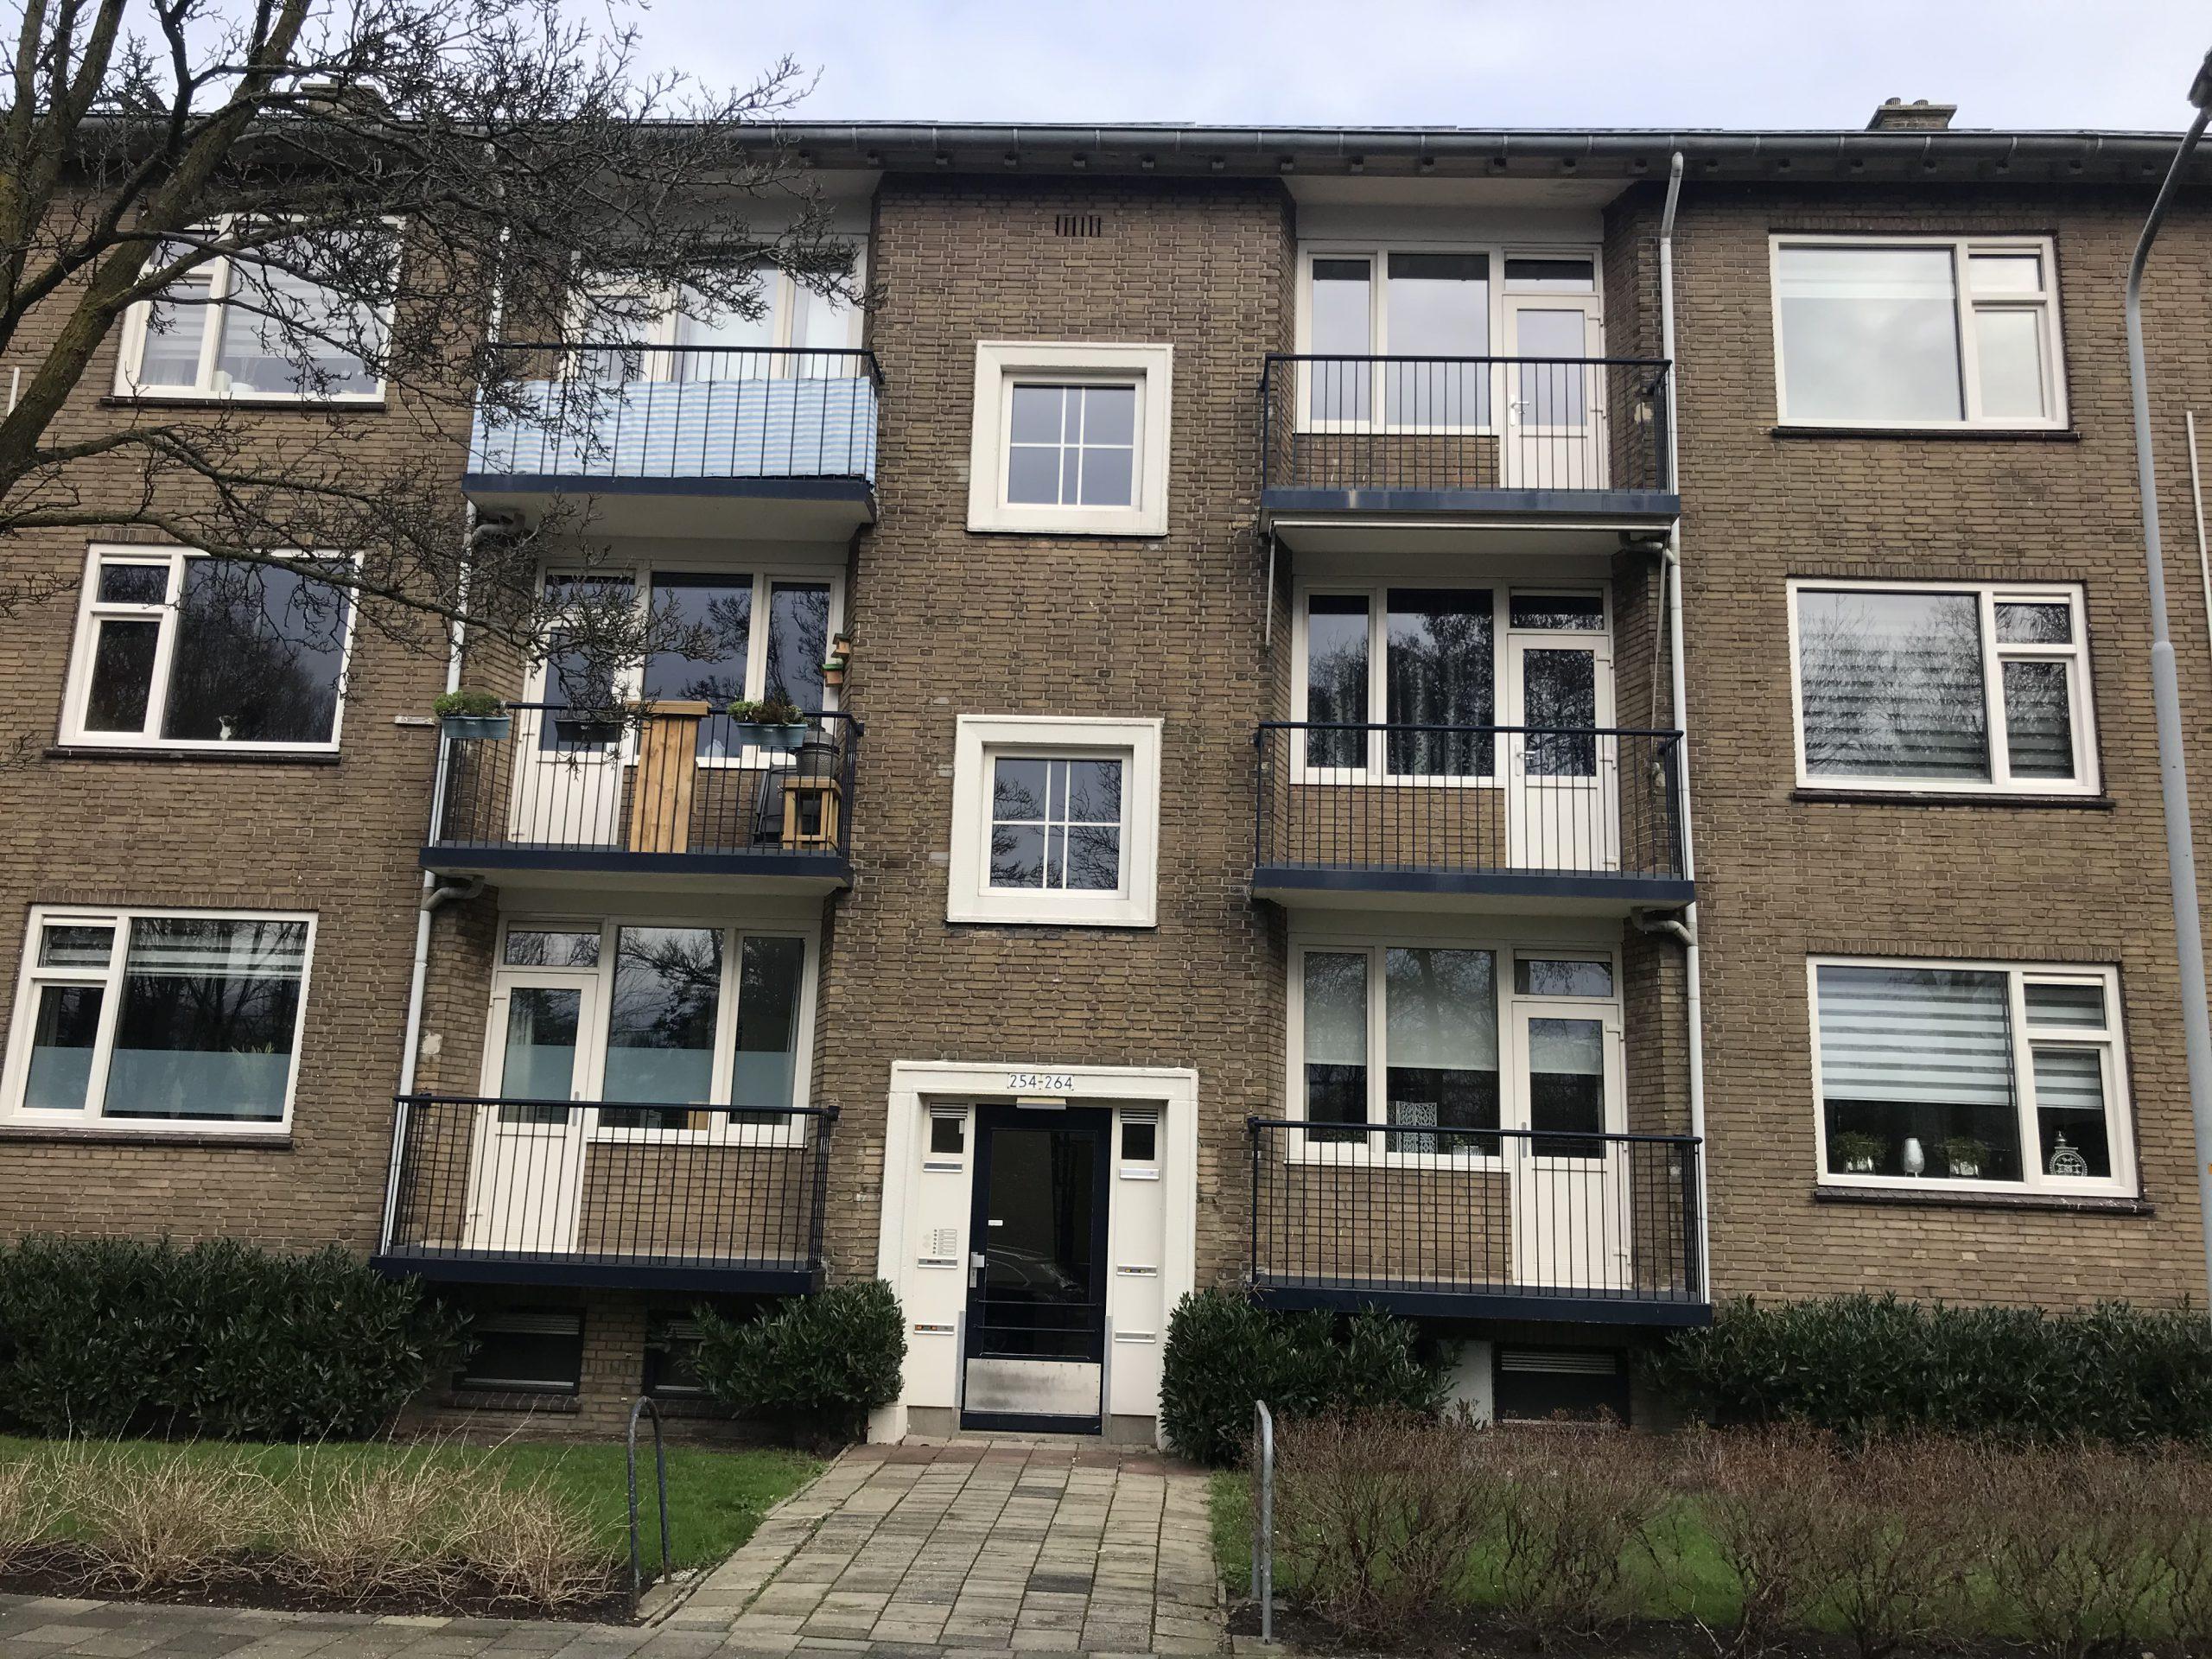 4 kamer appartement te koop Voorburg